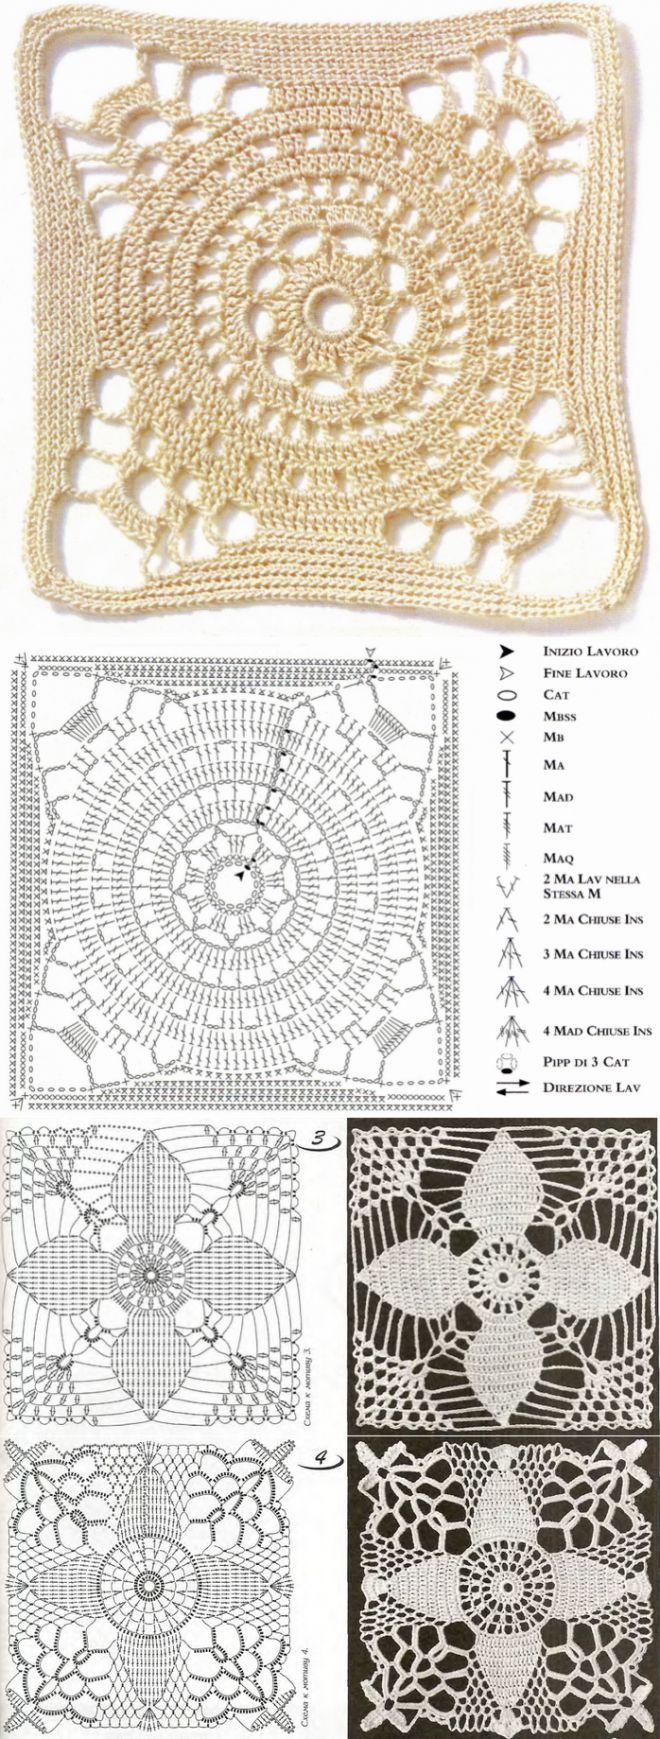 11523 best Crochet images on Pinterest   Crochet patterns, Crochet ...